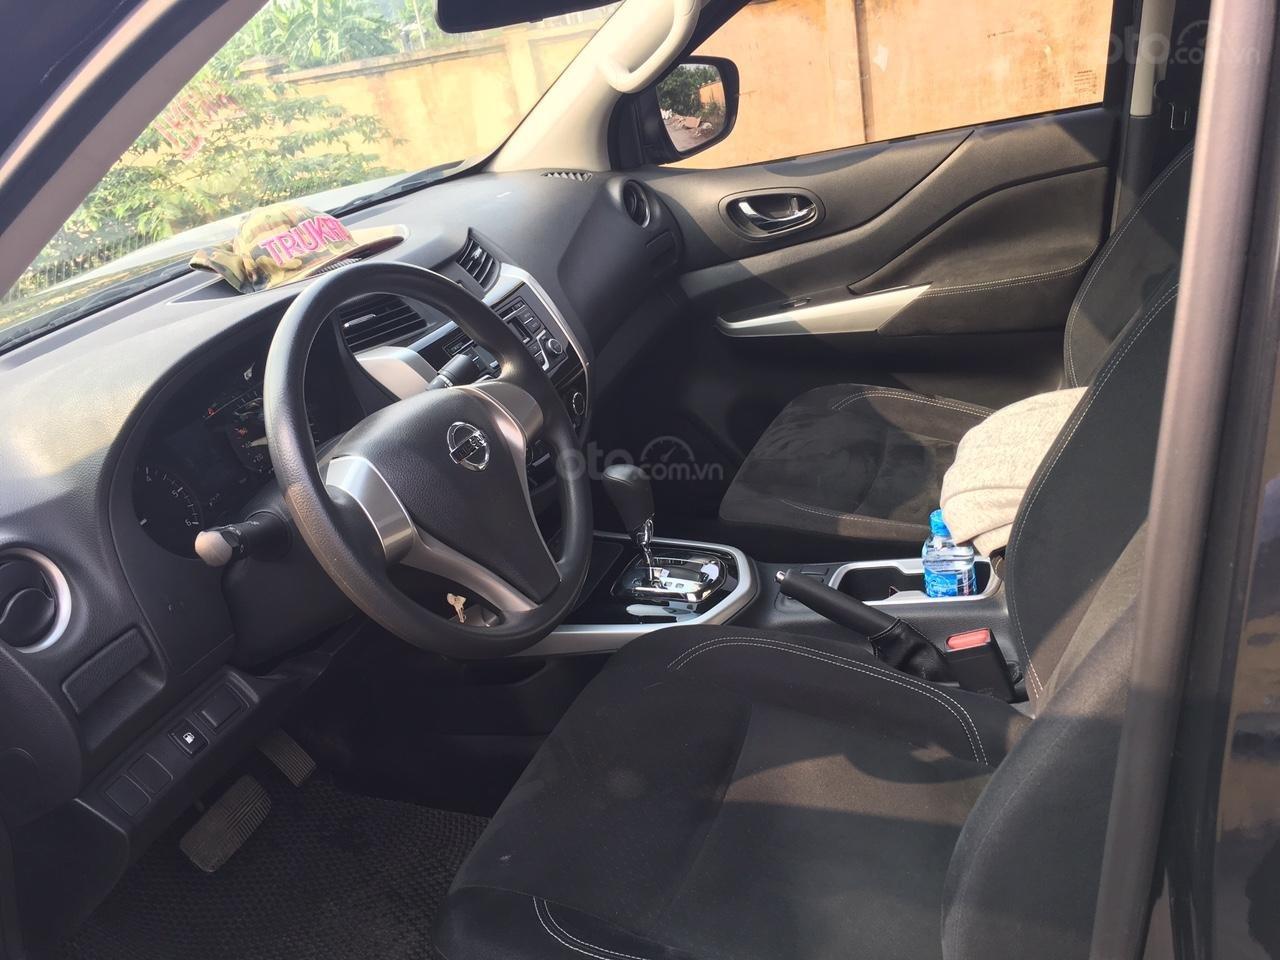 Bán xe Nissan Navara EL nguyên bản, đi ít chính chủ giá chỉ 535 triệu-7